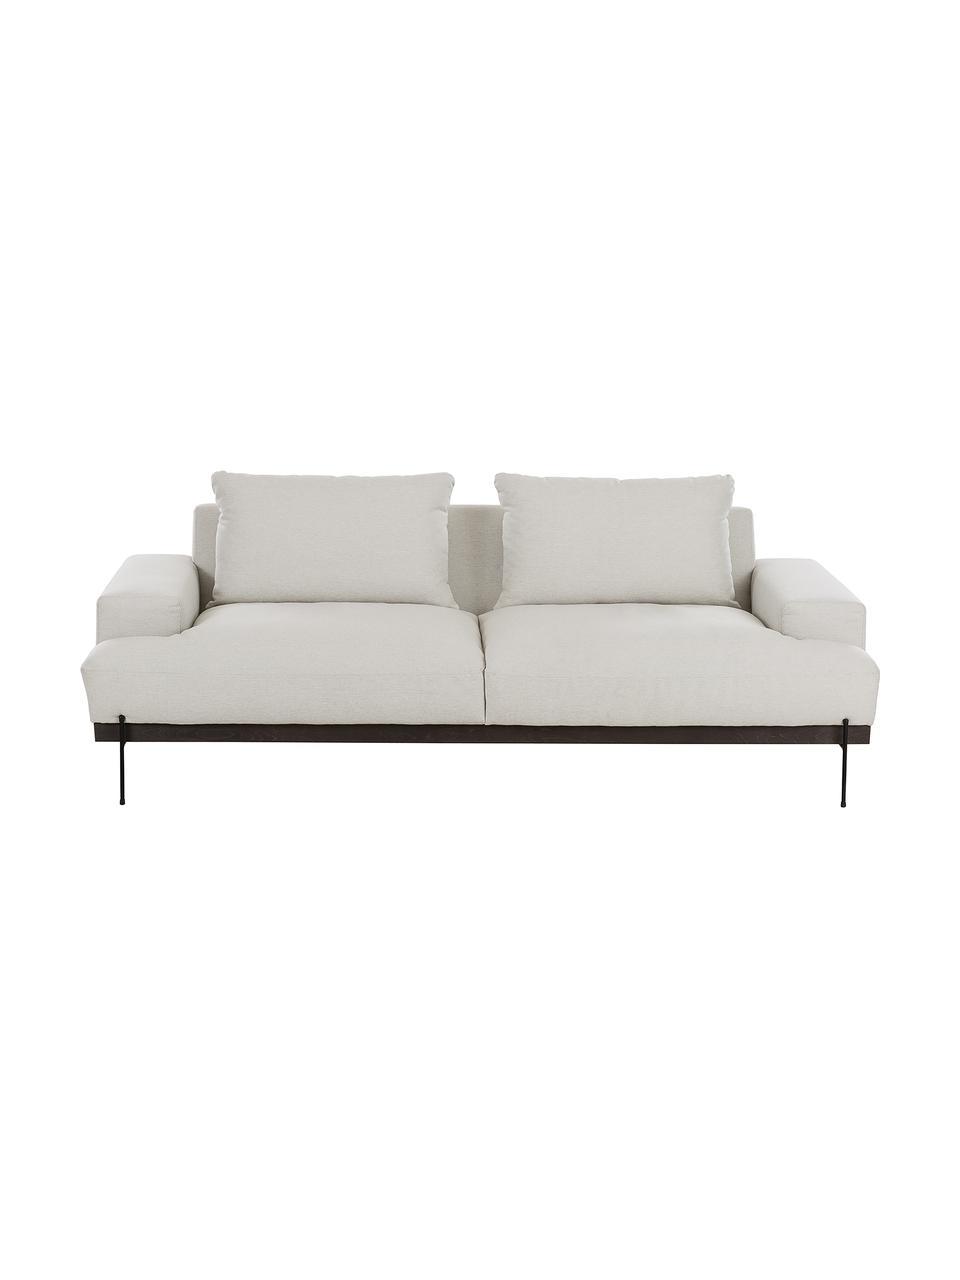 Sofa z metalowymi nogami Brooks (3-osobowa), Tapicerka: poliester Tapicerka nie j, Stelaż: lite drewno sosnowe, Nogi: metal malowany proszkowo, Beżowy, S 230 x G 98 cm